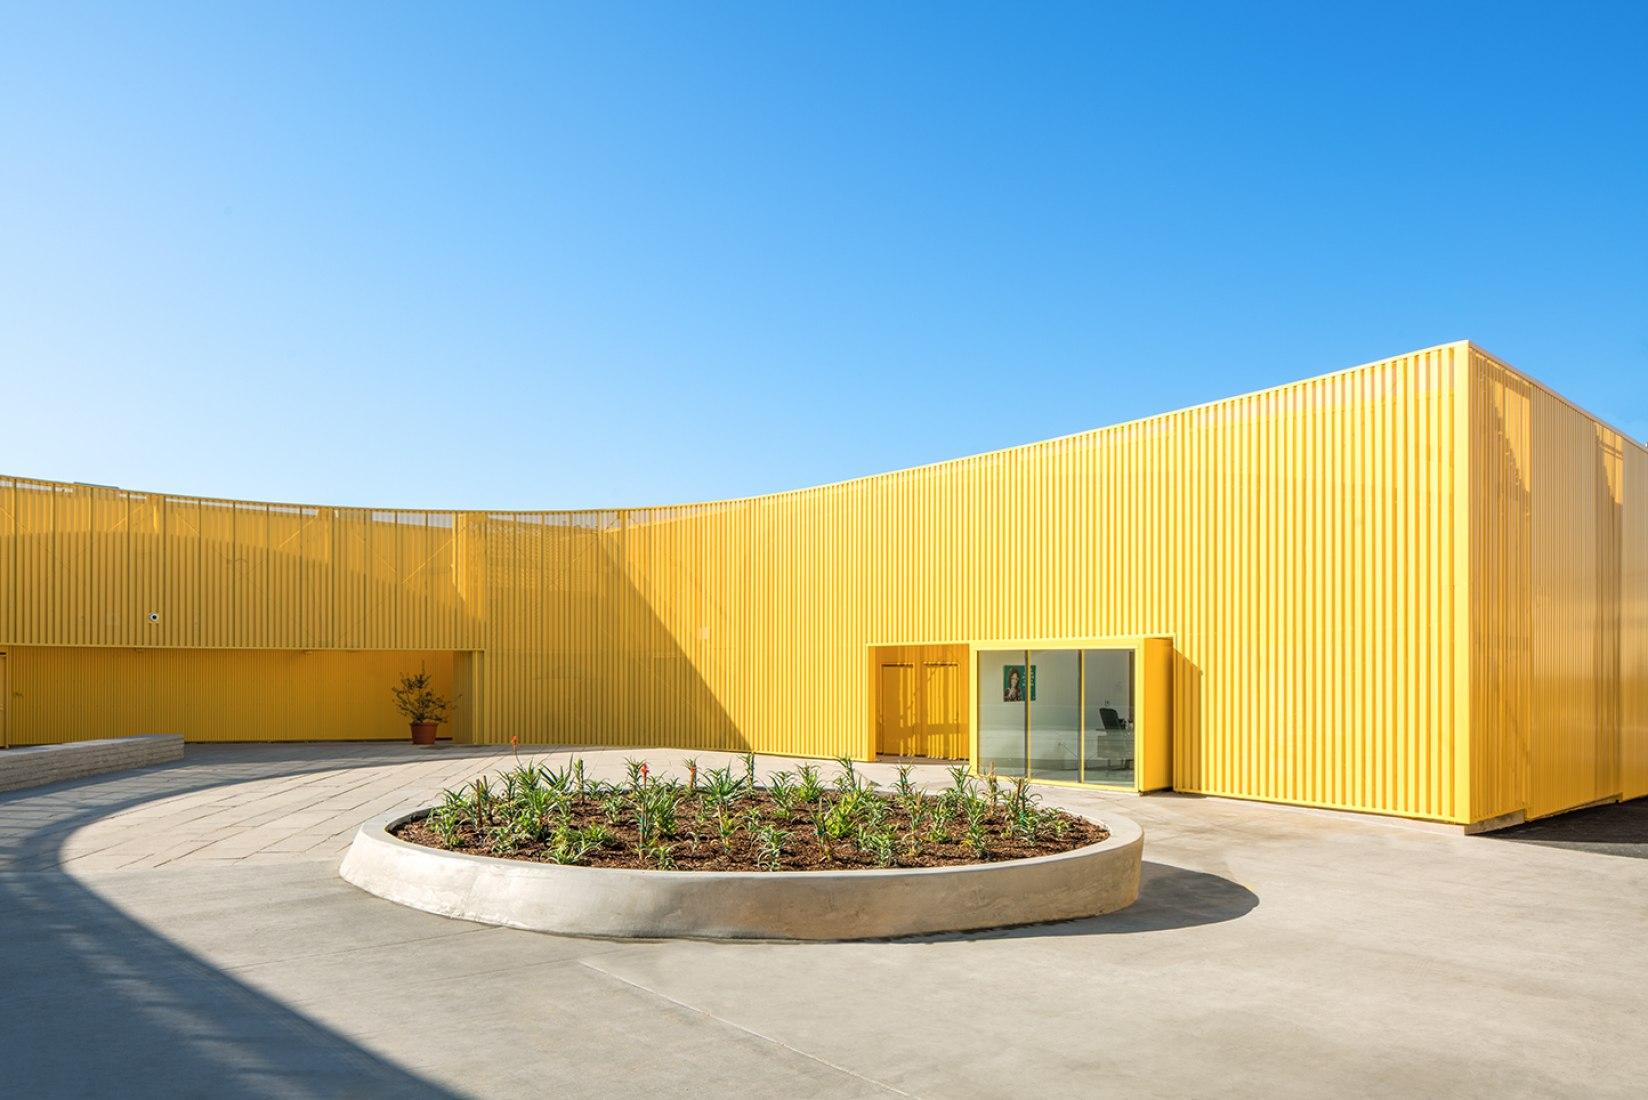 Vista del patio. Escuela de Secundaria Animo South Los Angeles por Brooks + Scarpa. Cortesía de Brooks + Scarpa